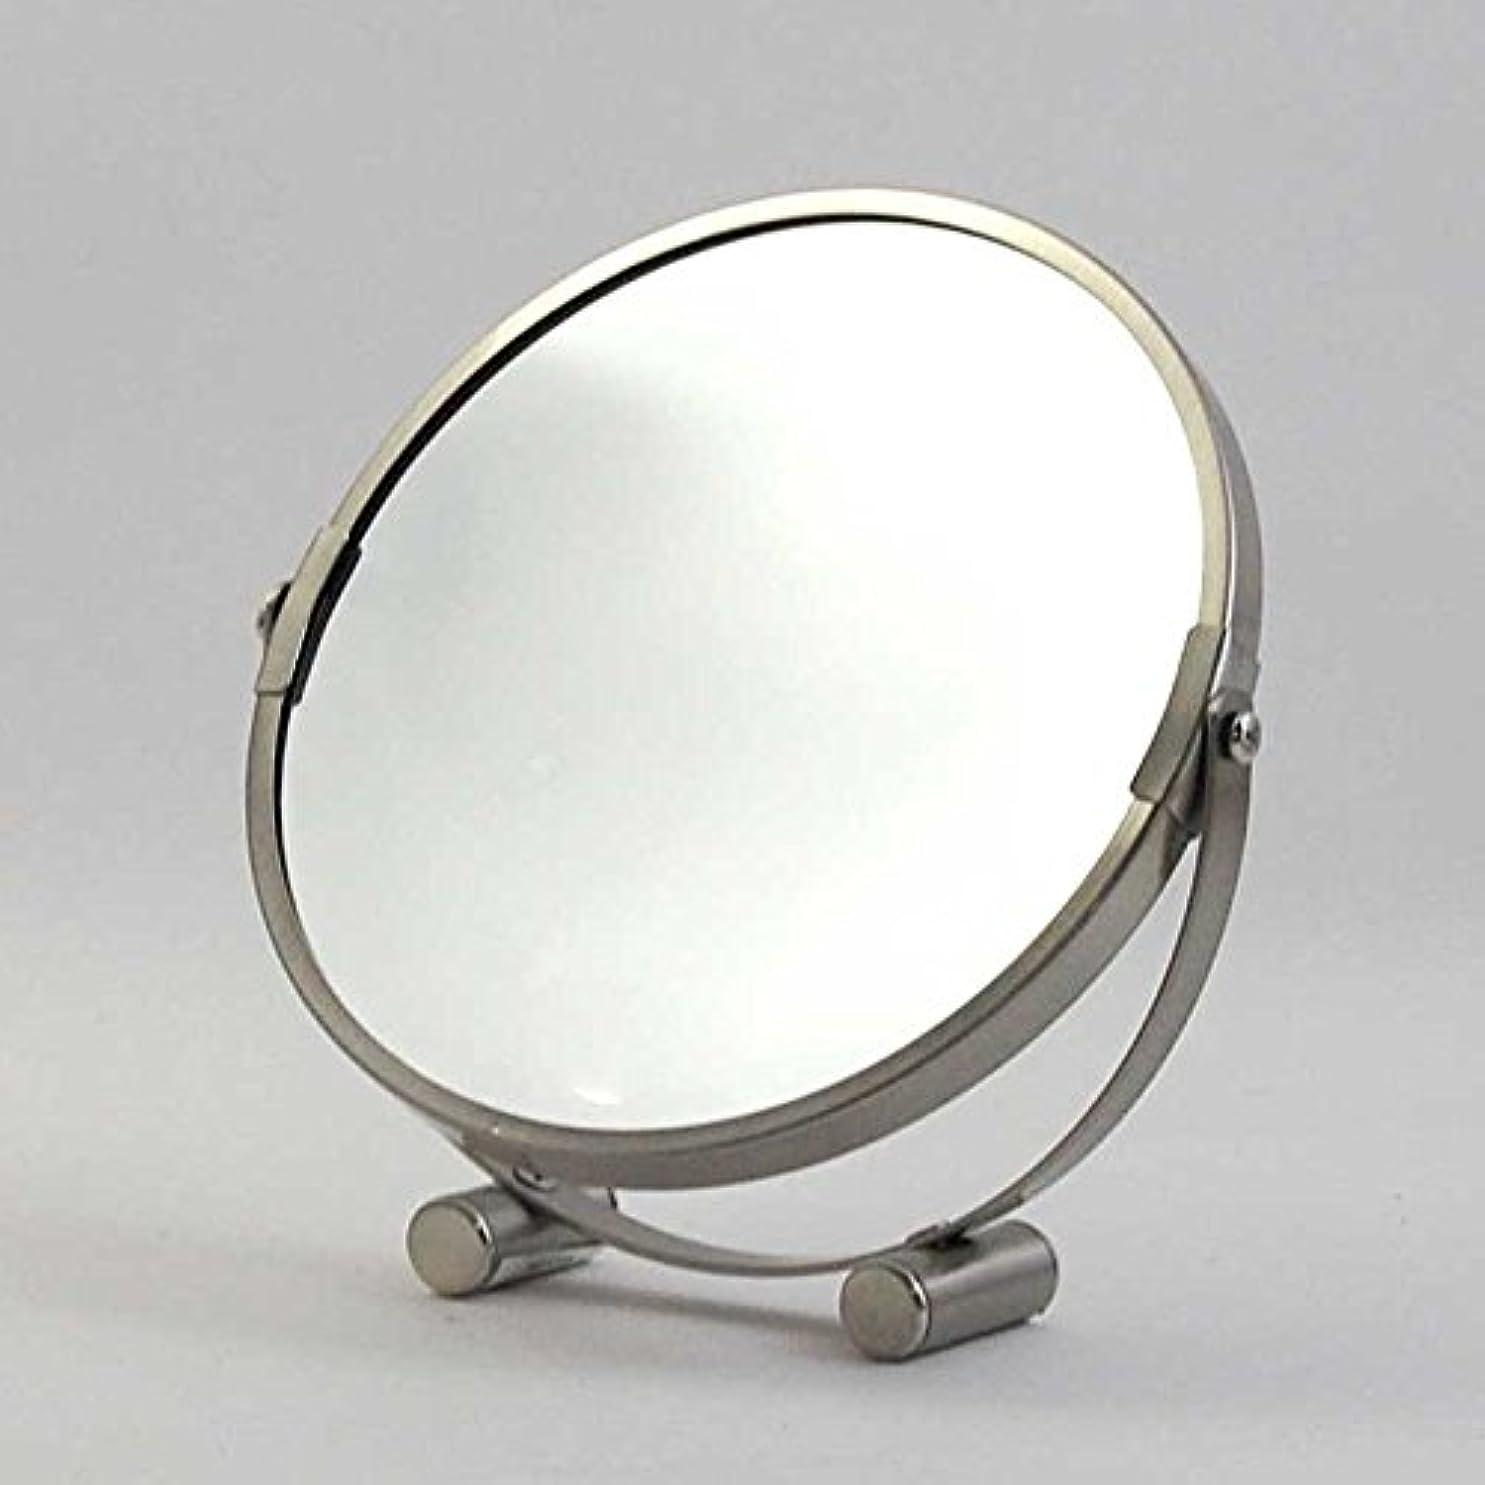 温度派手なんとなく卓上ミラー ダルトン ROUND MIRROR ラウンド ミラー A655-723 丸型 両面鏡 拡大鏡付